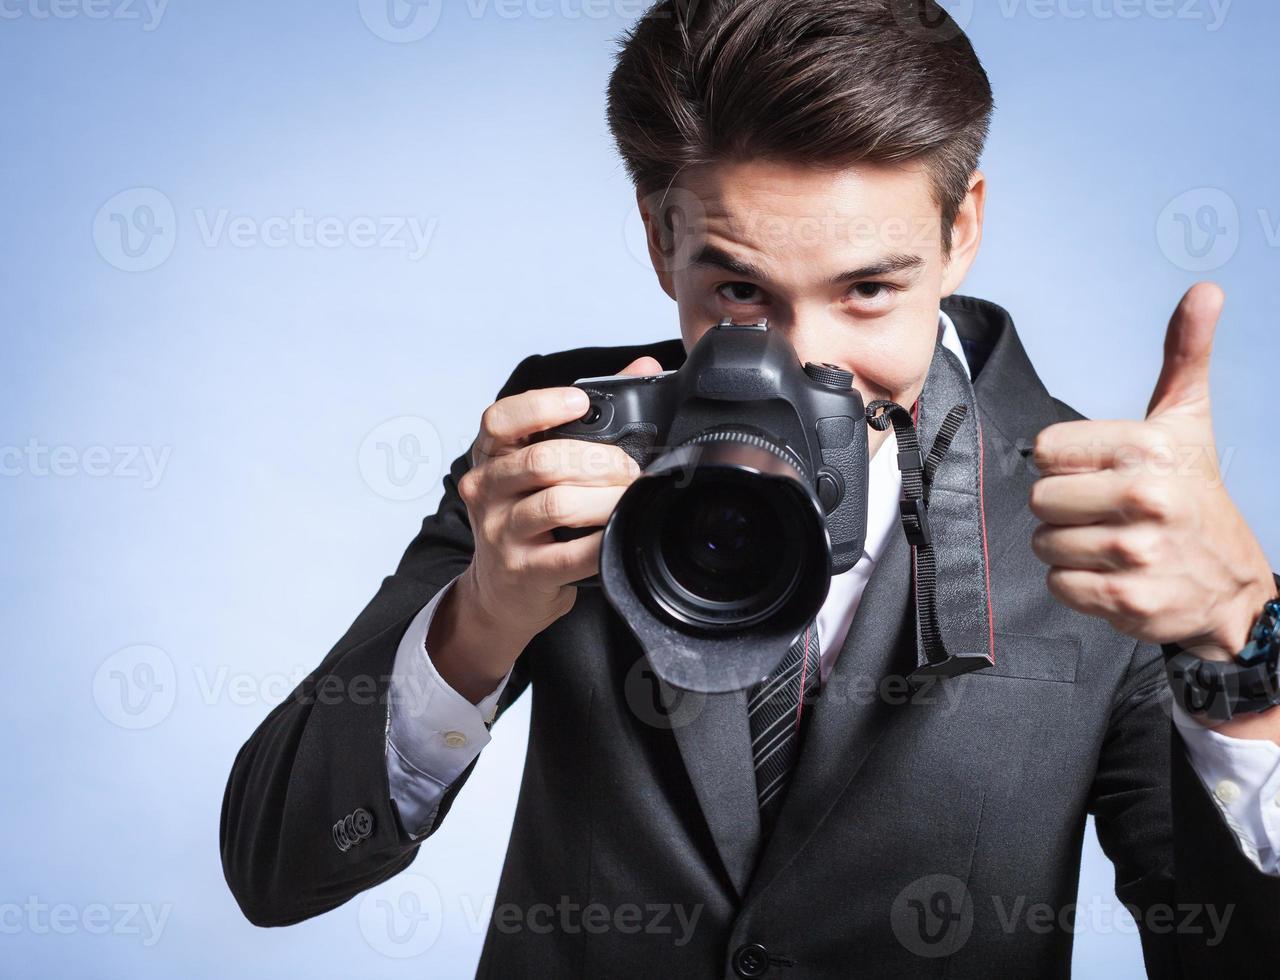 ung man använder en professionell kamera foto